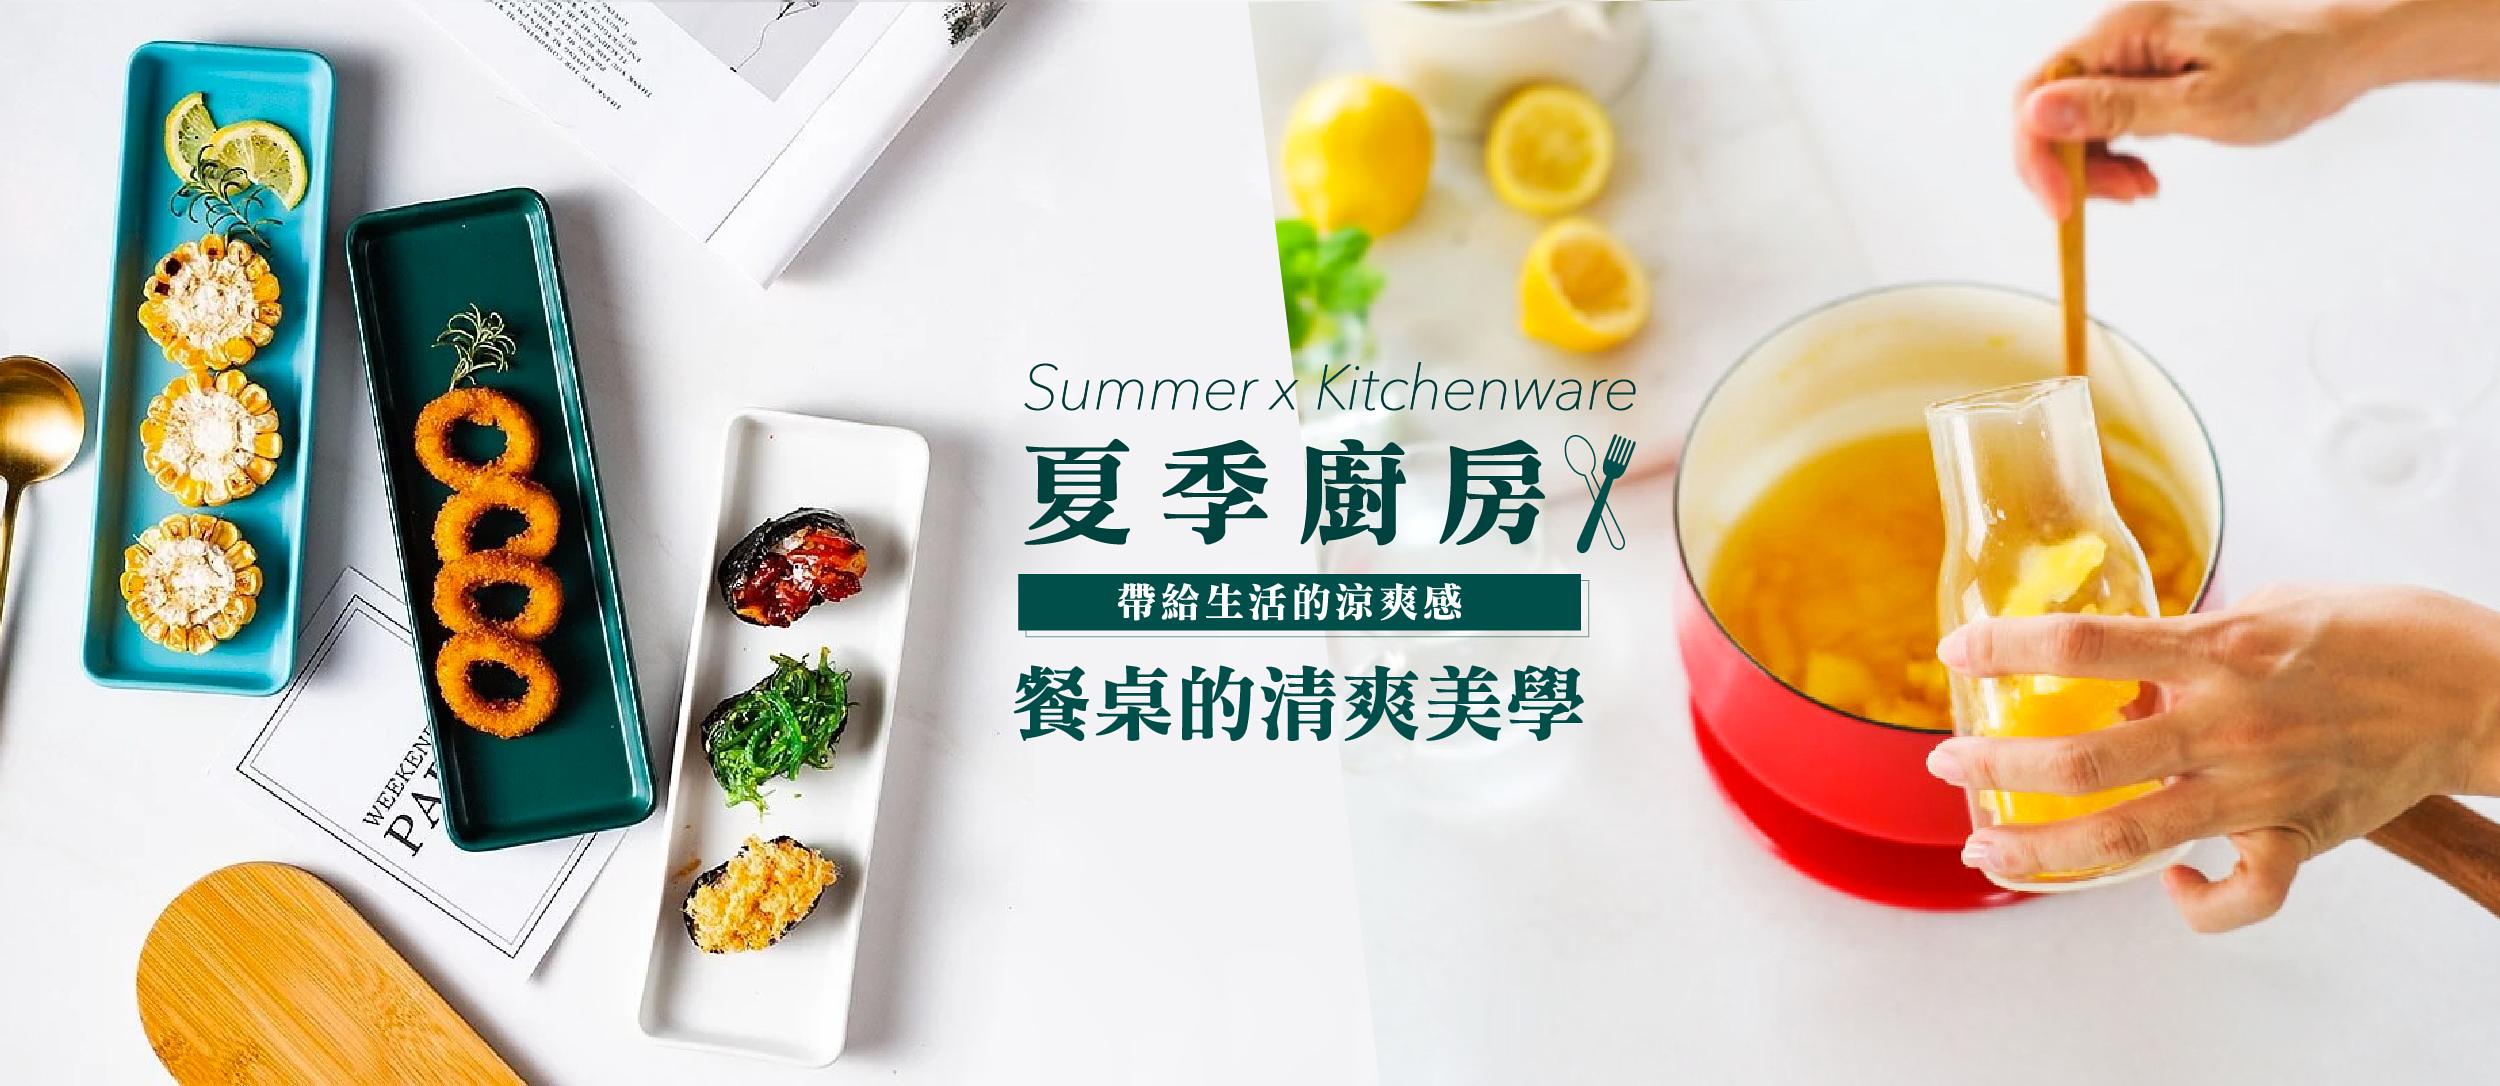 夏季廚房餐桌的清爽美學|哎喔優惠專場